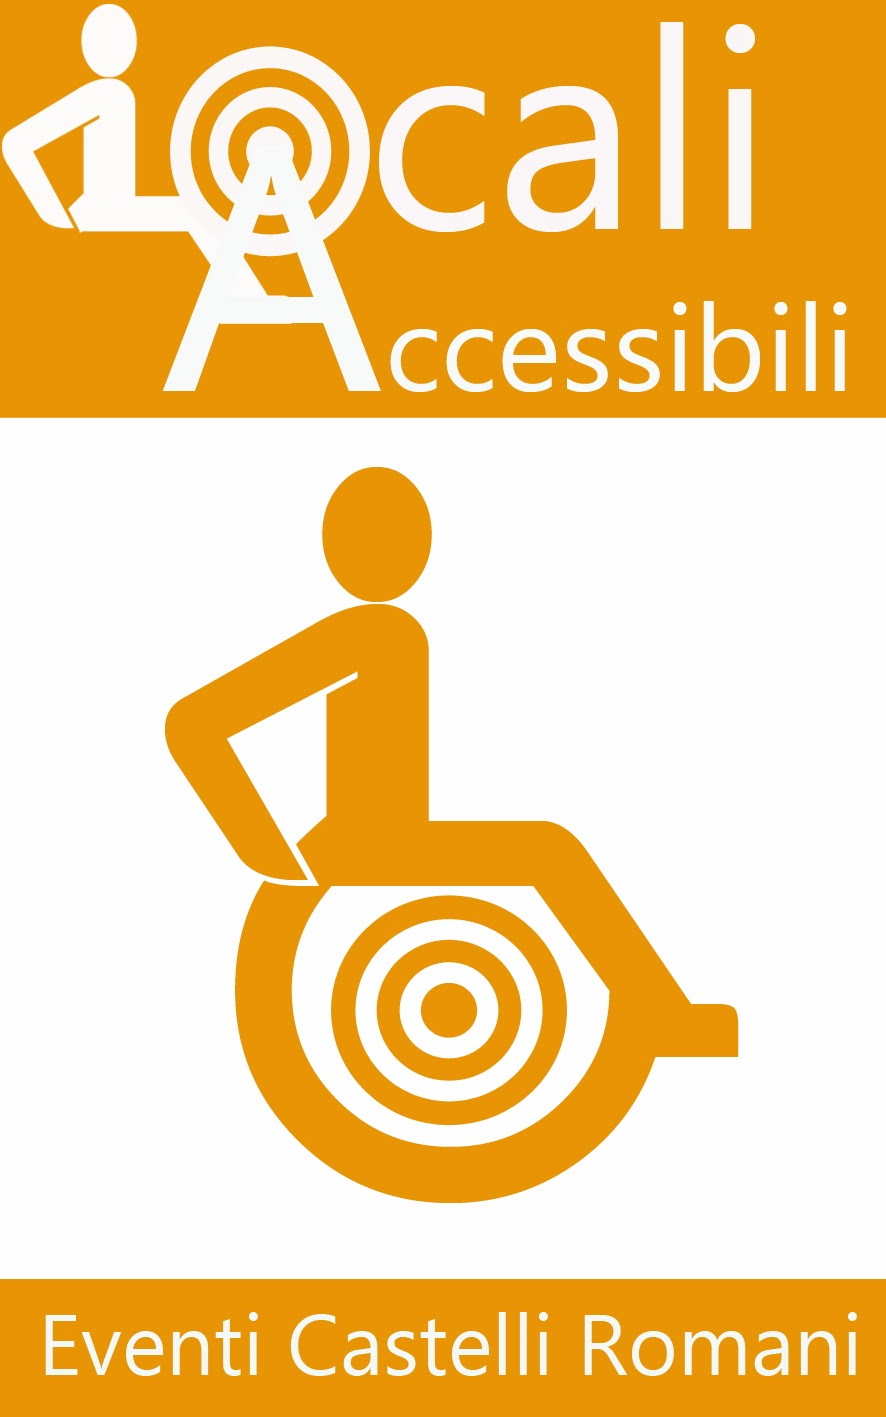 Locali Accessibili